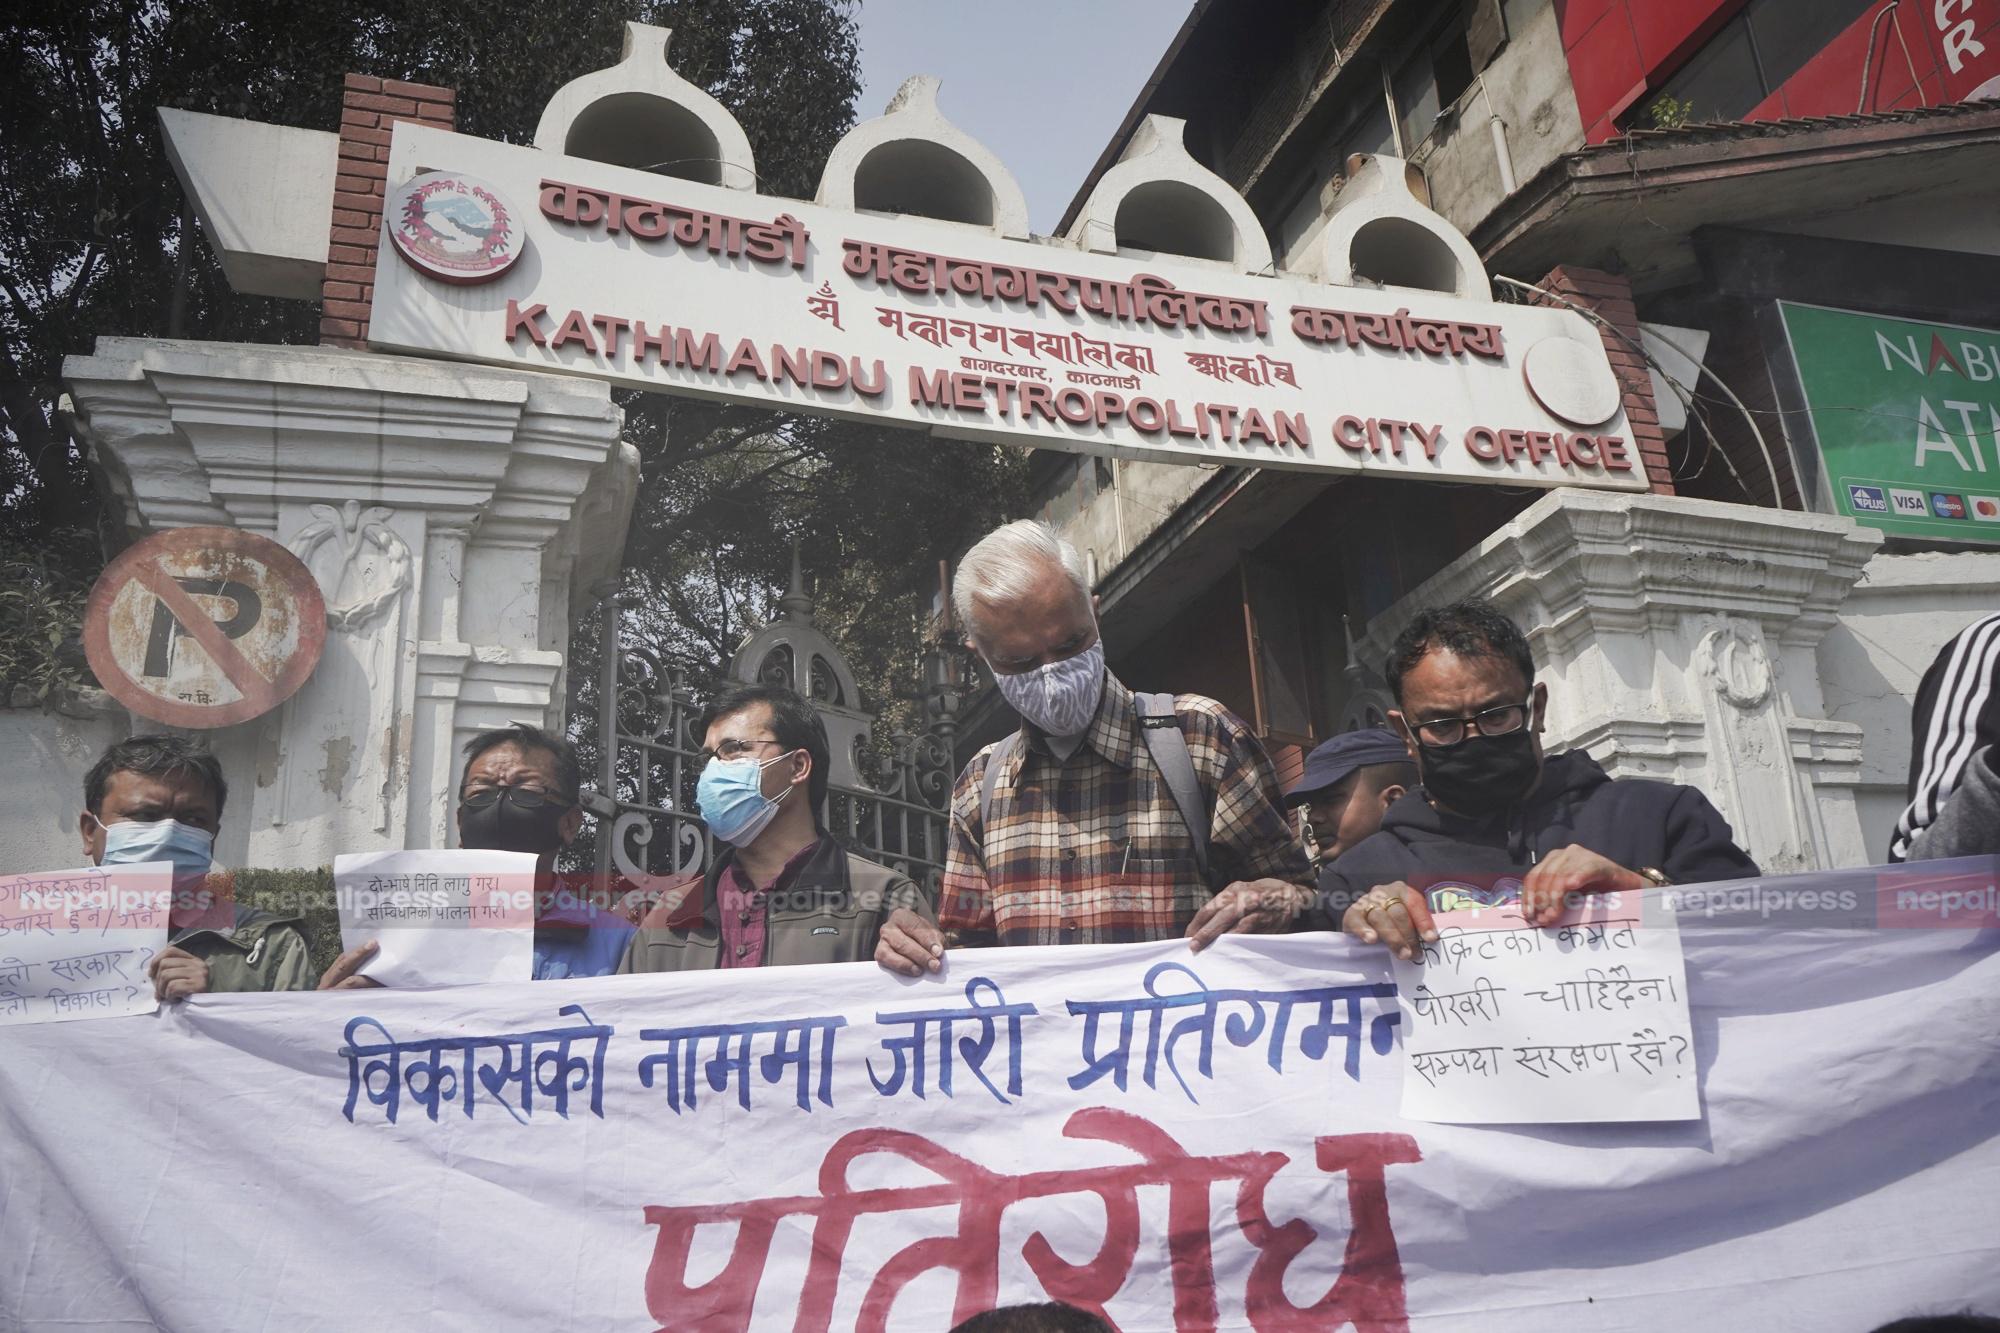 काठमाडौं महानगरअघि अभियन्ताको धर्ना